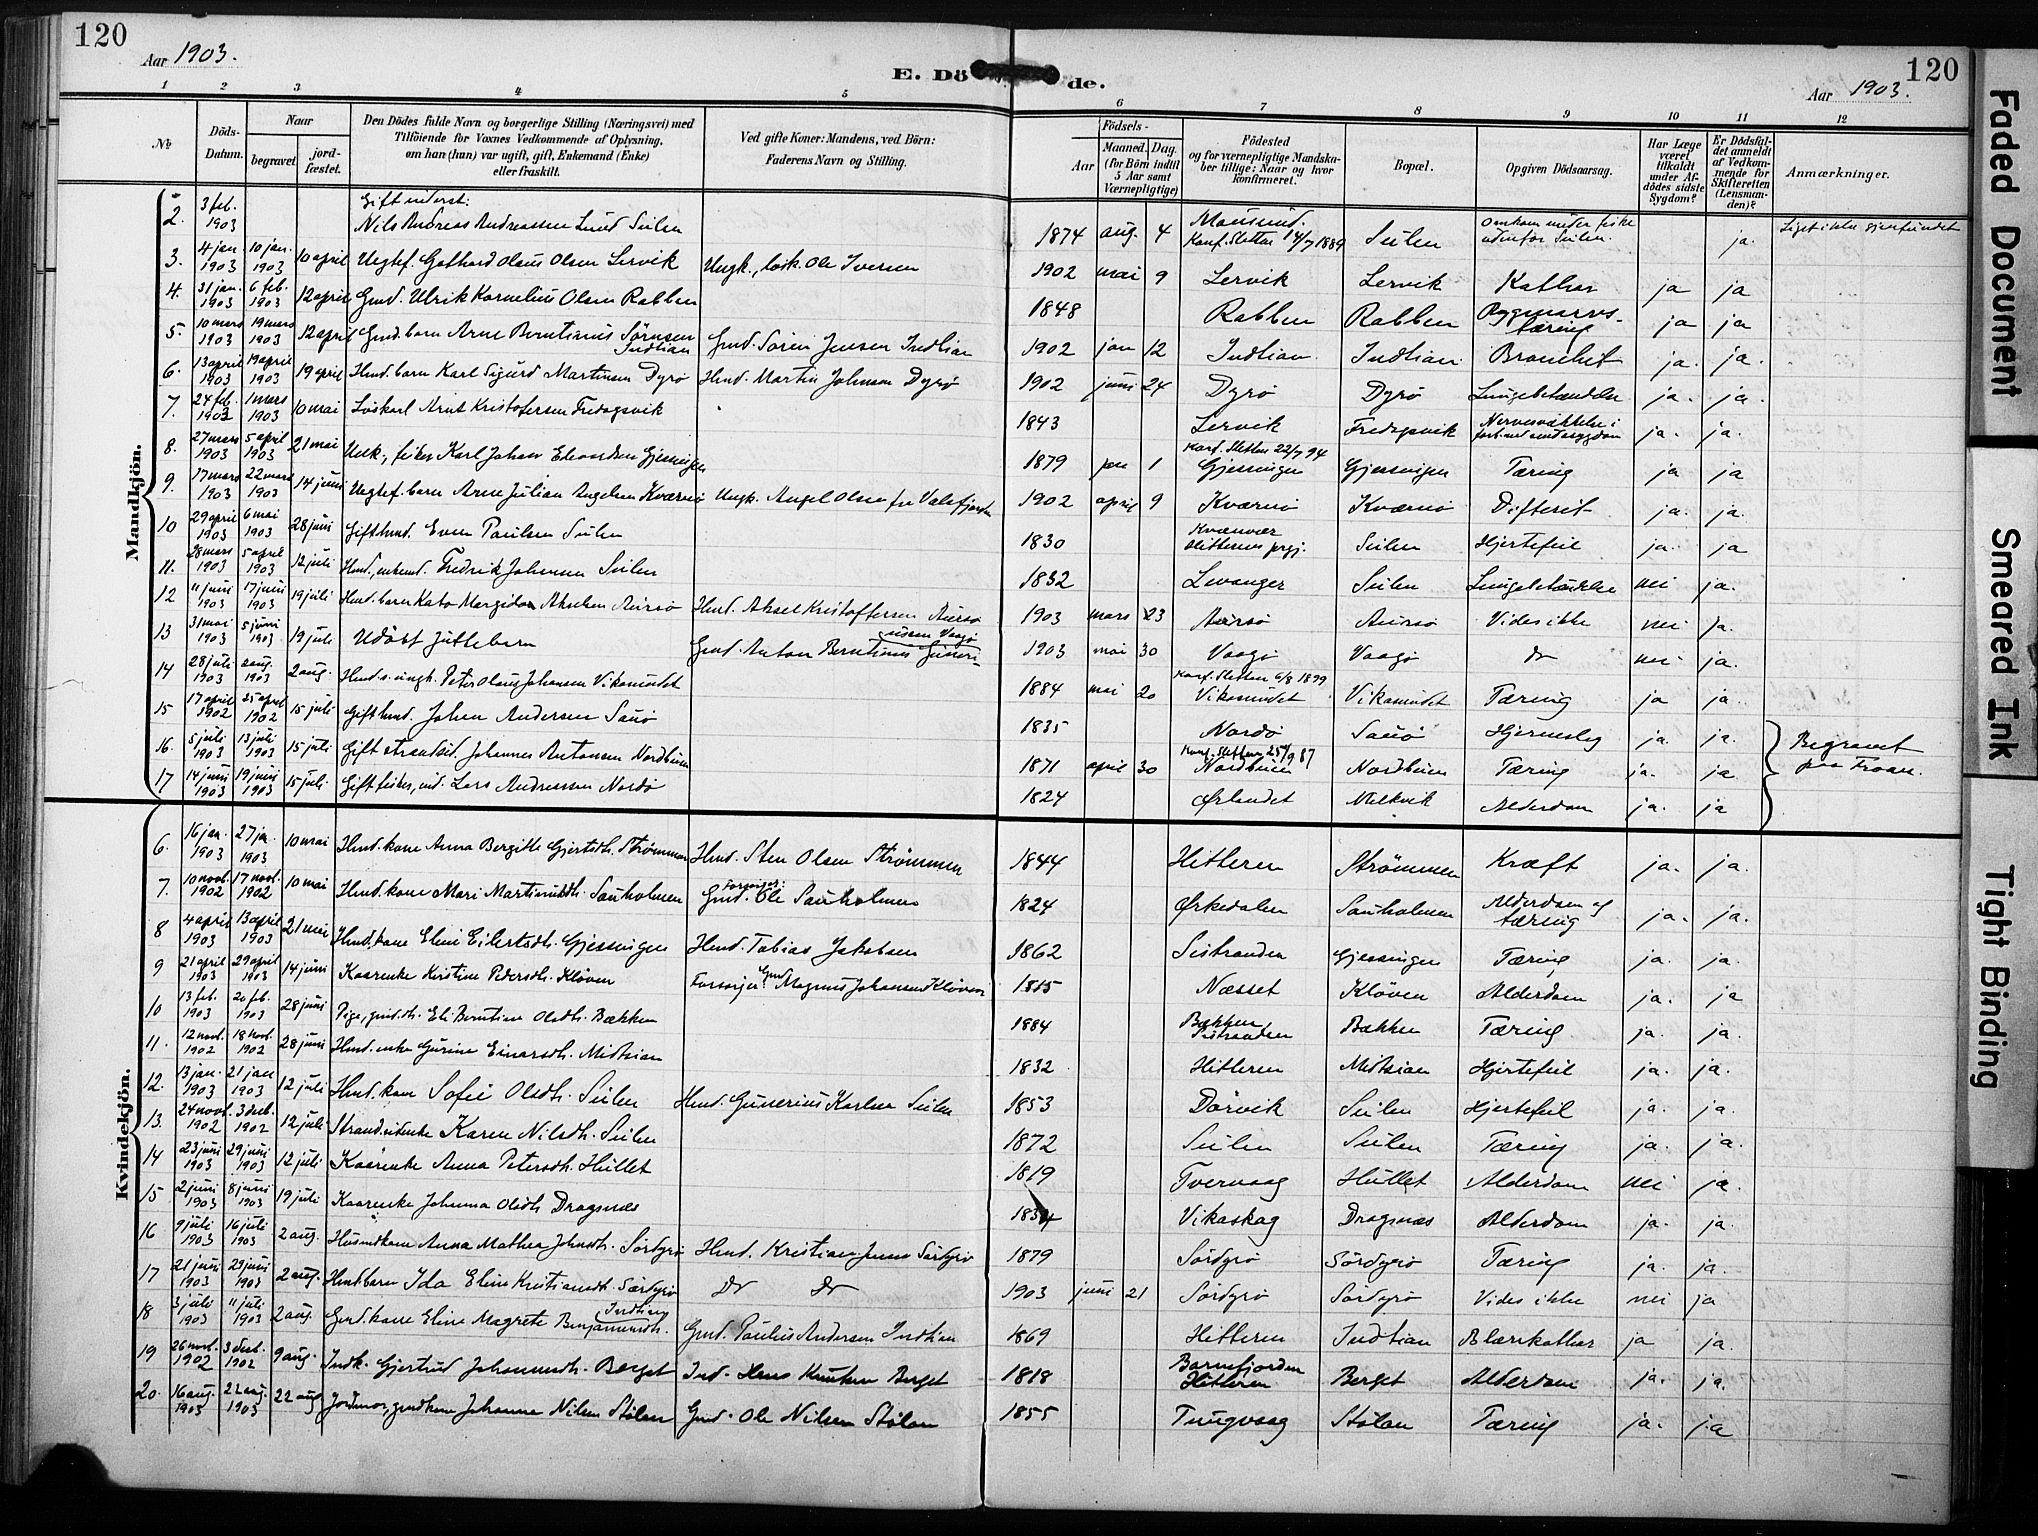 SAT, Ministerialprotokoller, klokkerbøker og fødselsregistre - Sør-Trøndelag, 640/L0580: Ministerialbok nr. 640A05, 1902-1910, s. 120